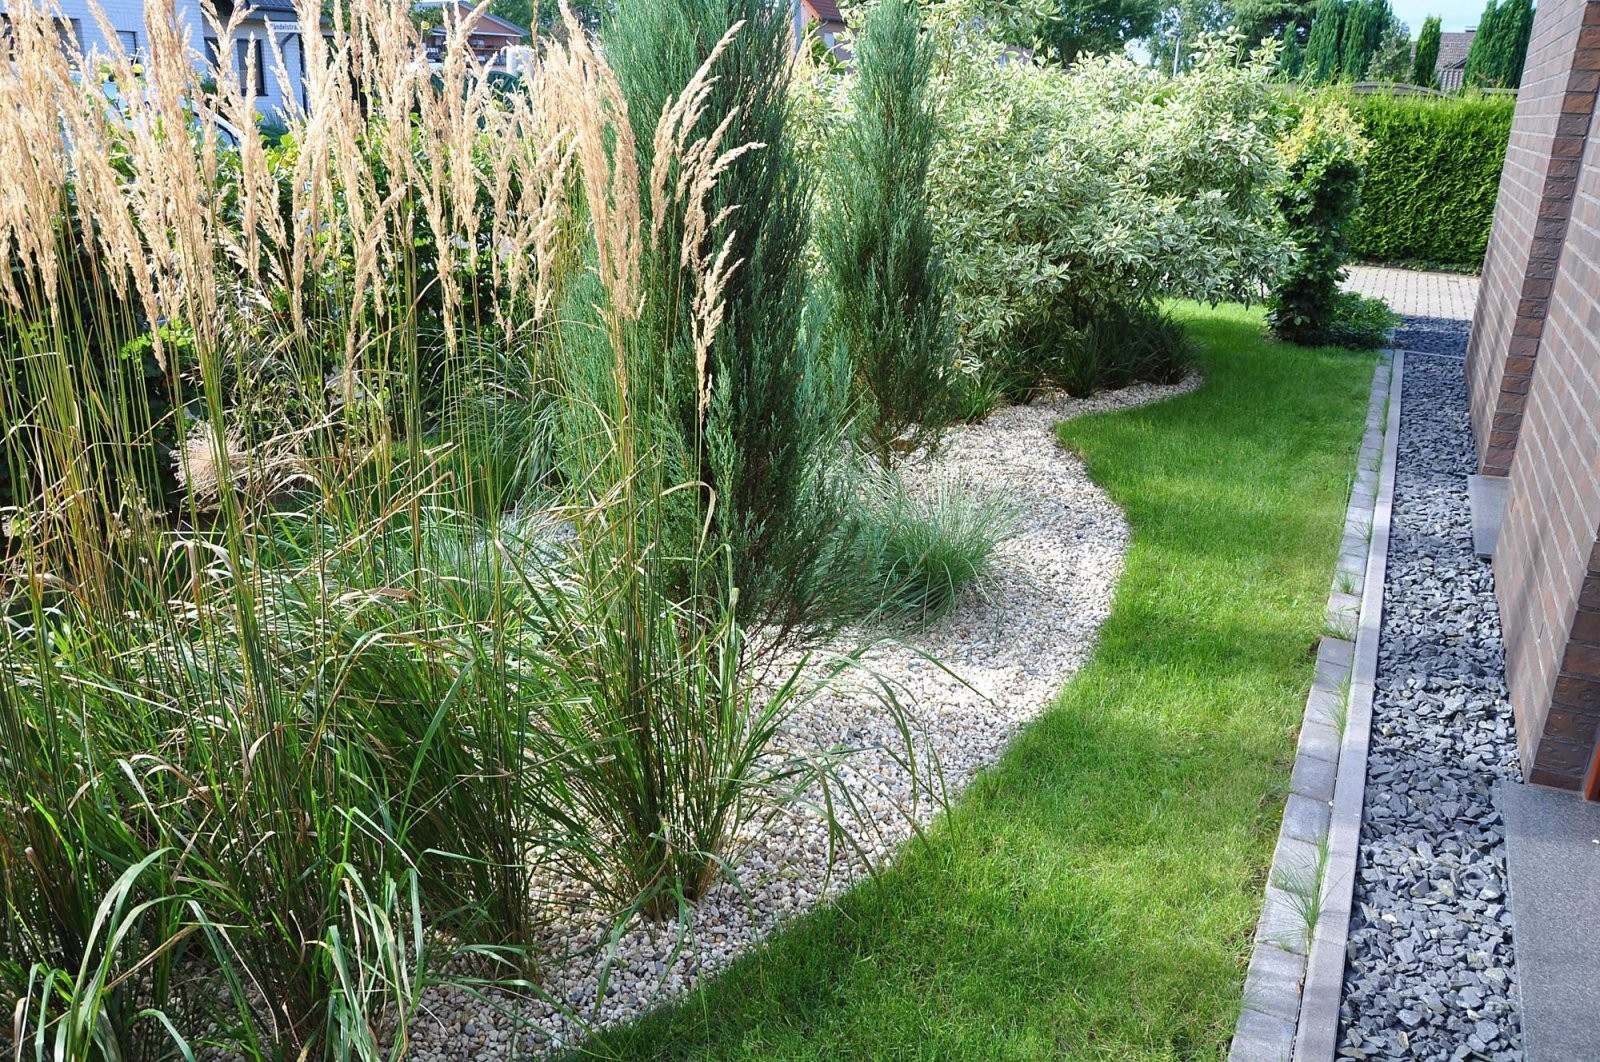 Gartengestaltung Graser Und Farne Natacharoussel Ideen Von von Gartengestaltung Mit Gräsern Und Kies Bild